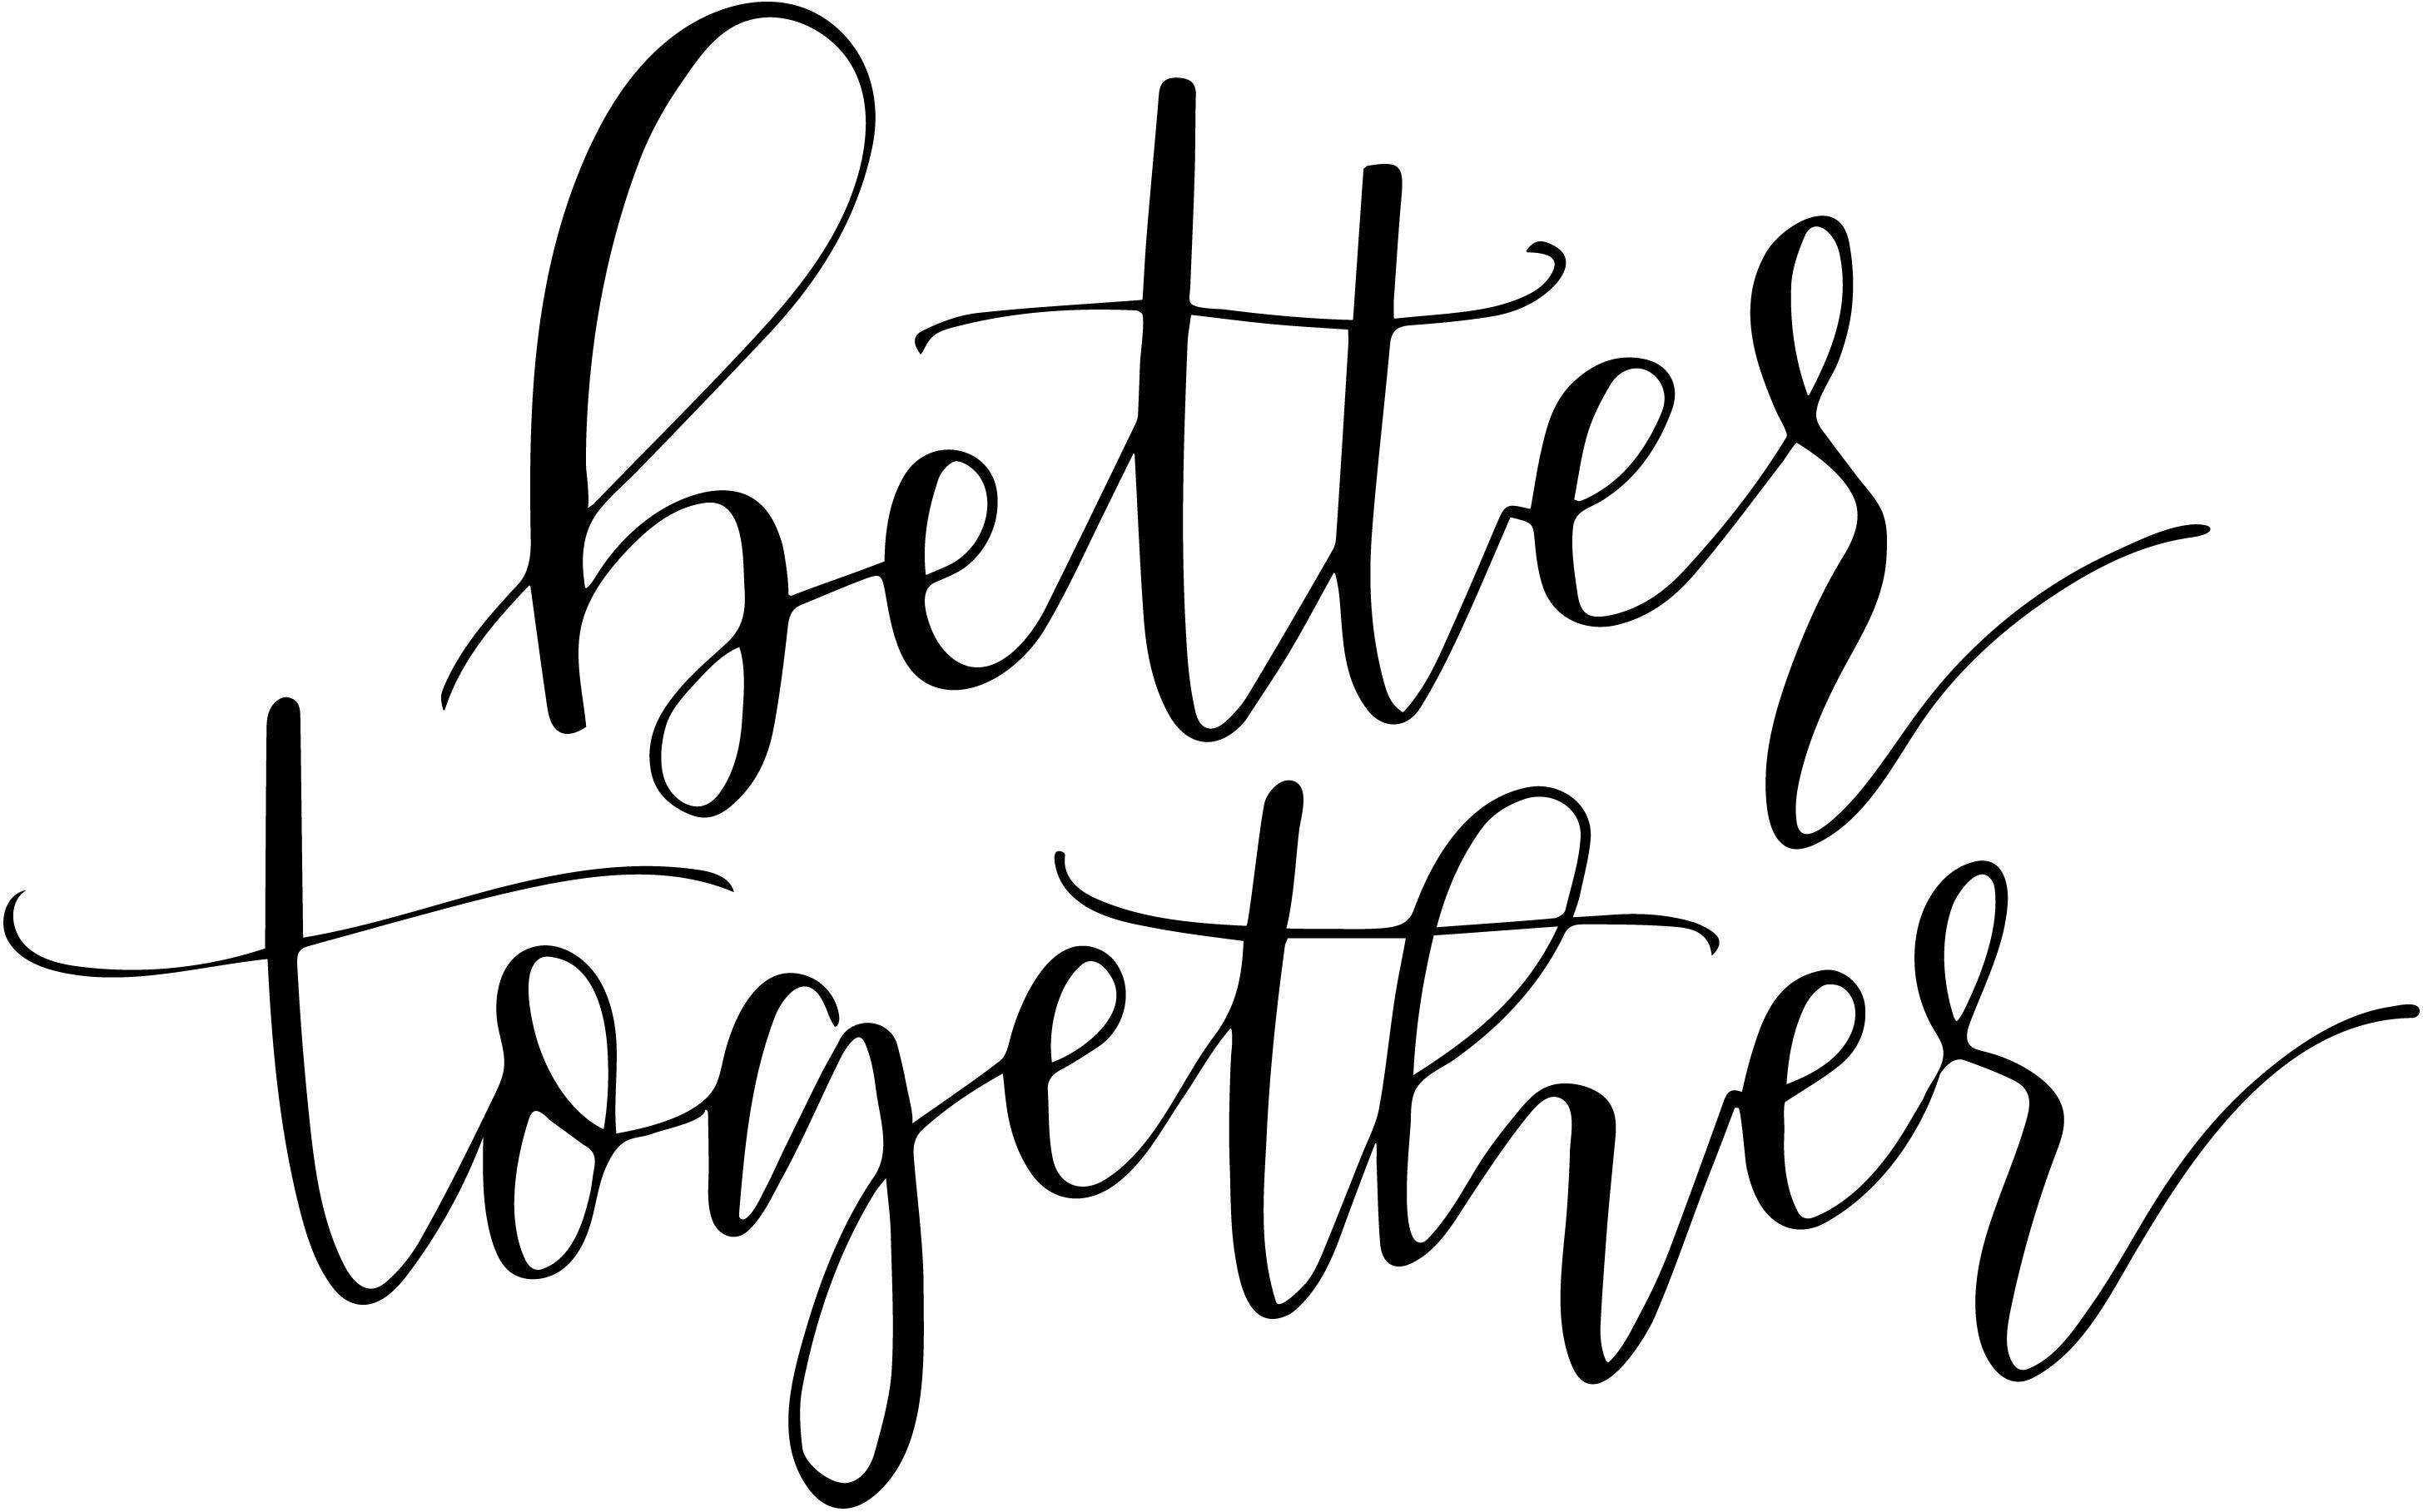 Download Better Together SVG | Better together, Together quotes ...